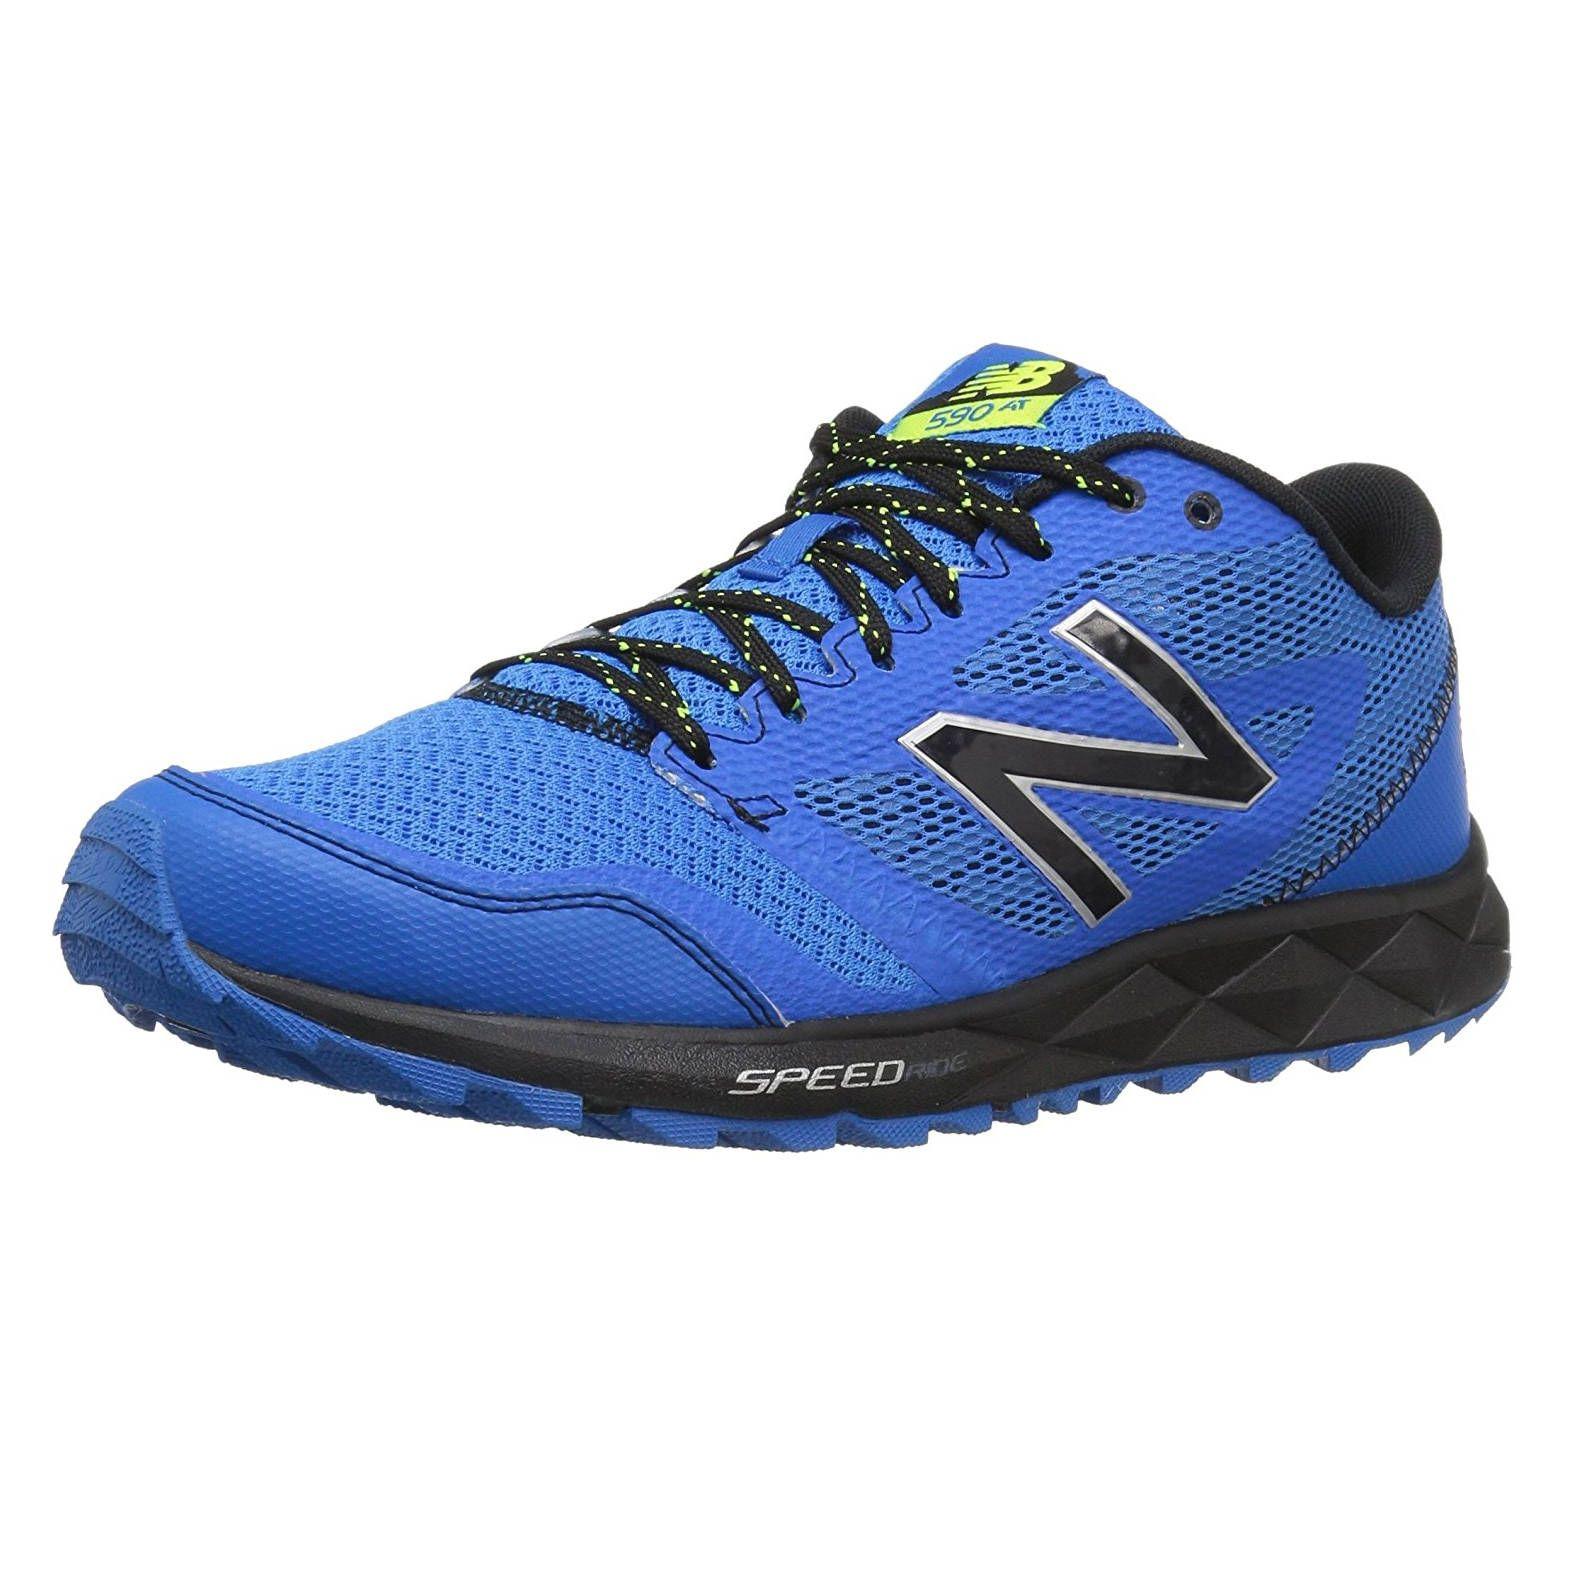 new balance t590 v2 refresh mens running shoes. Black Bedroom Furniture Sets. Home Design Ideas